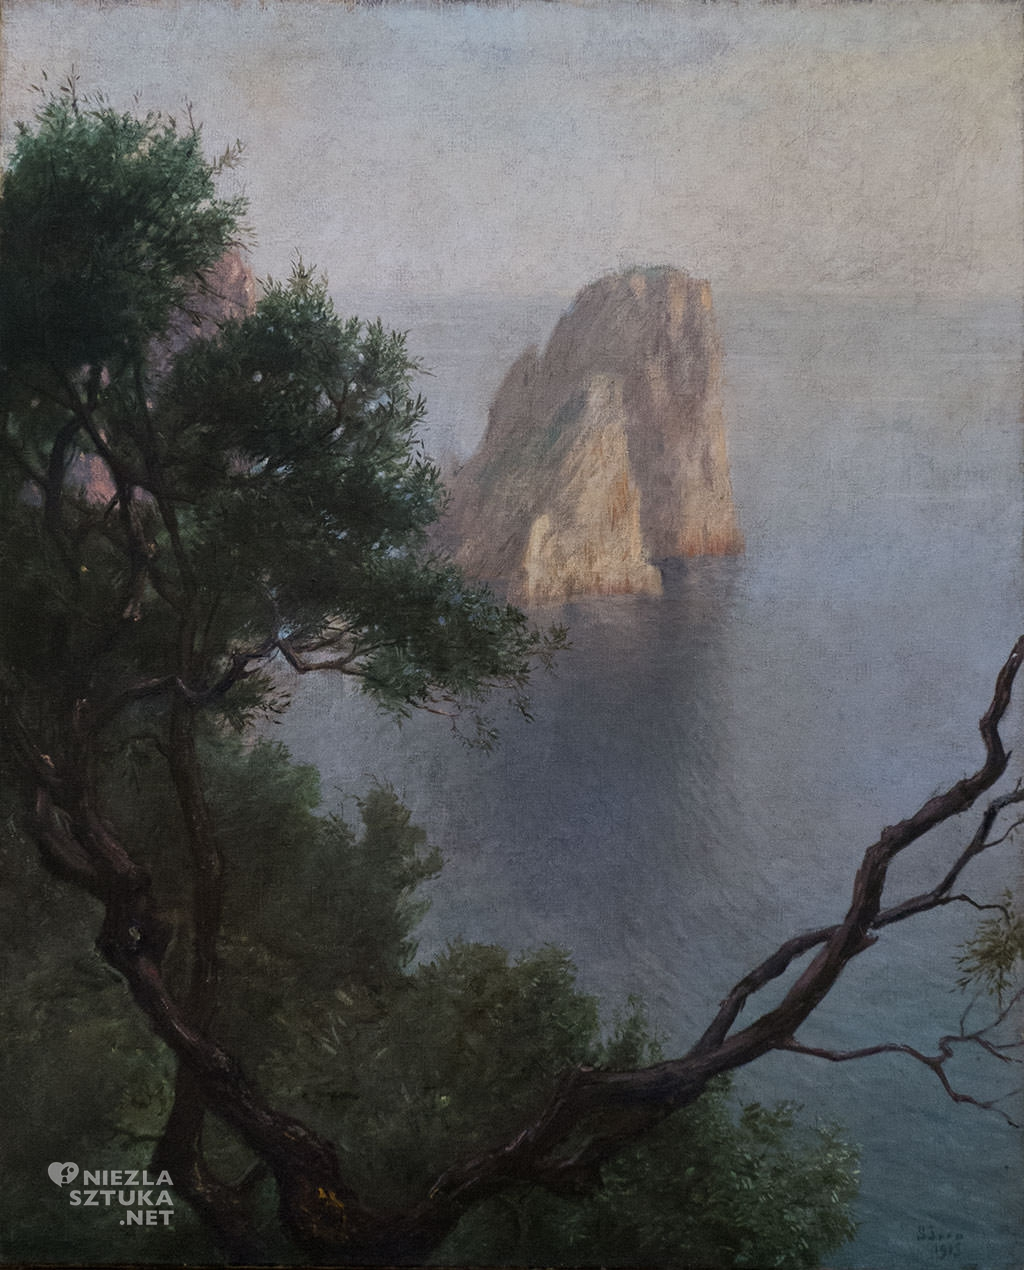 Soter Jaxa-Małachowski, Dolce Capri, morze, sztuka polska, malarstwo polskie, Niezła sztuka